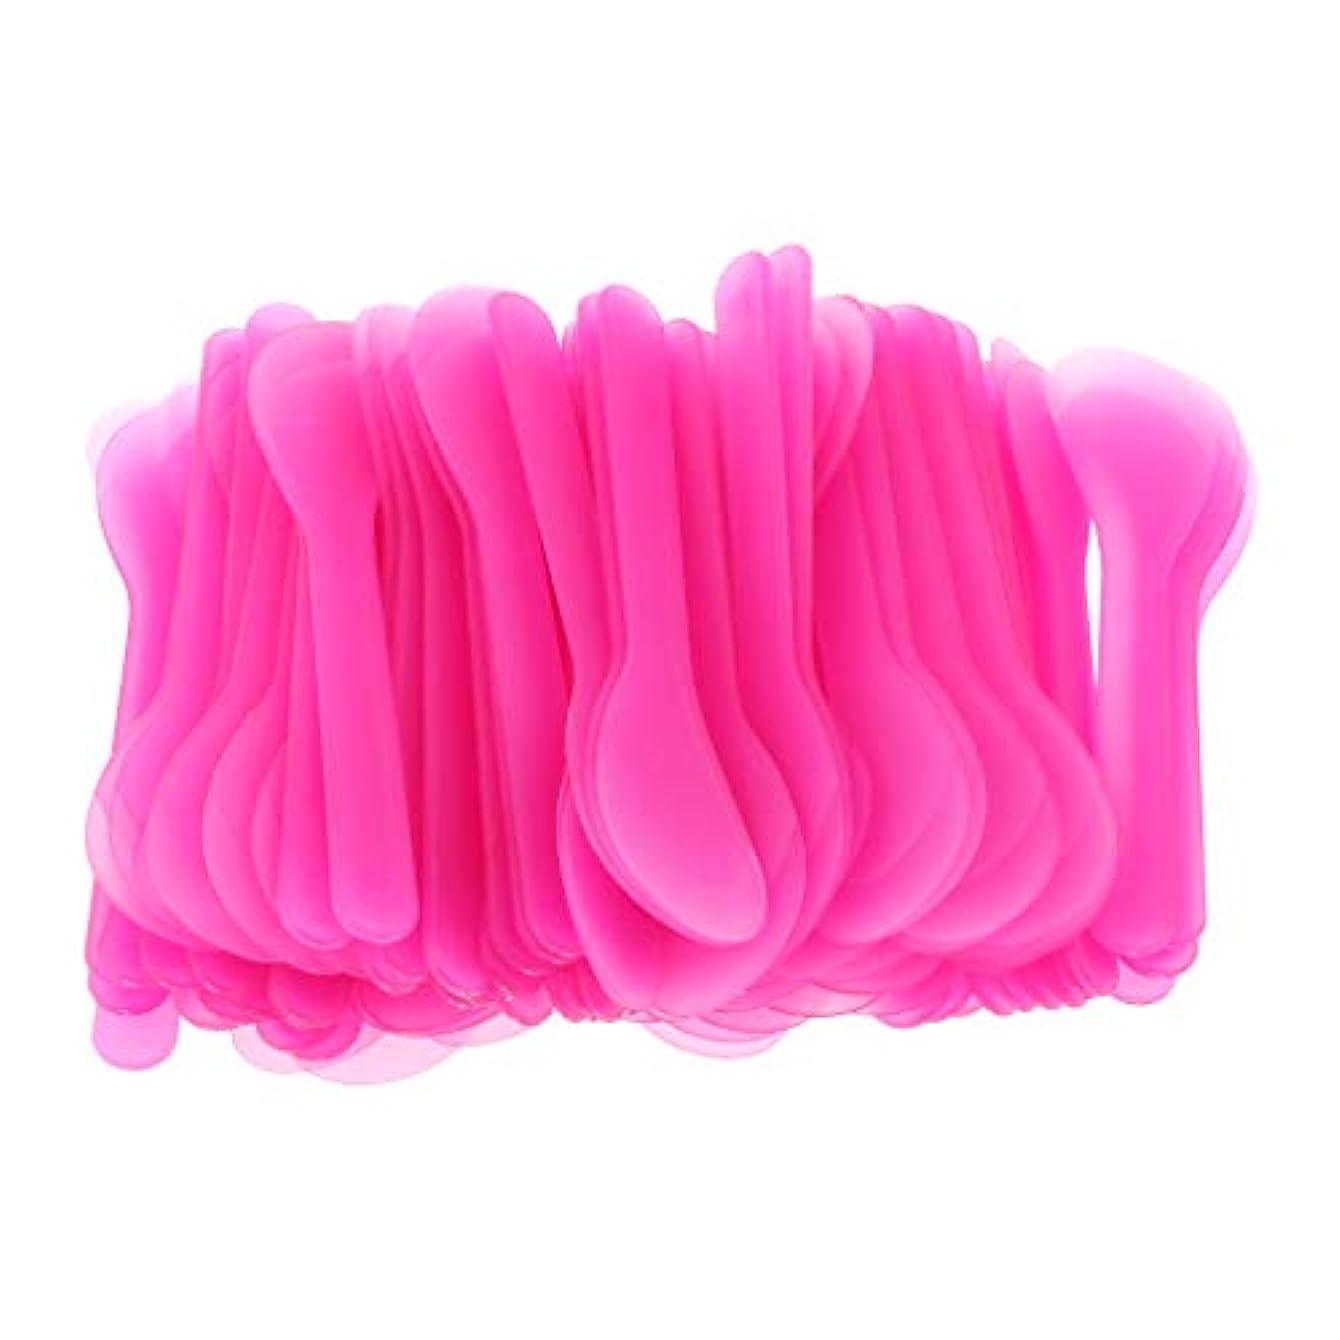 真向こう真向こう希望に満ちた使い捨て化粧スプーン 化粧スパチュラ 化粧品DIY サンプリング用 ボディクリーム 旅行 便利